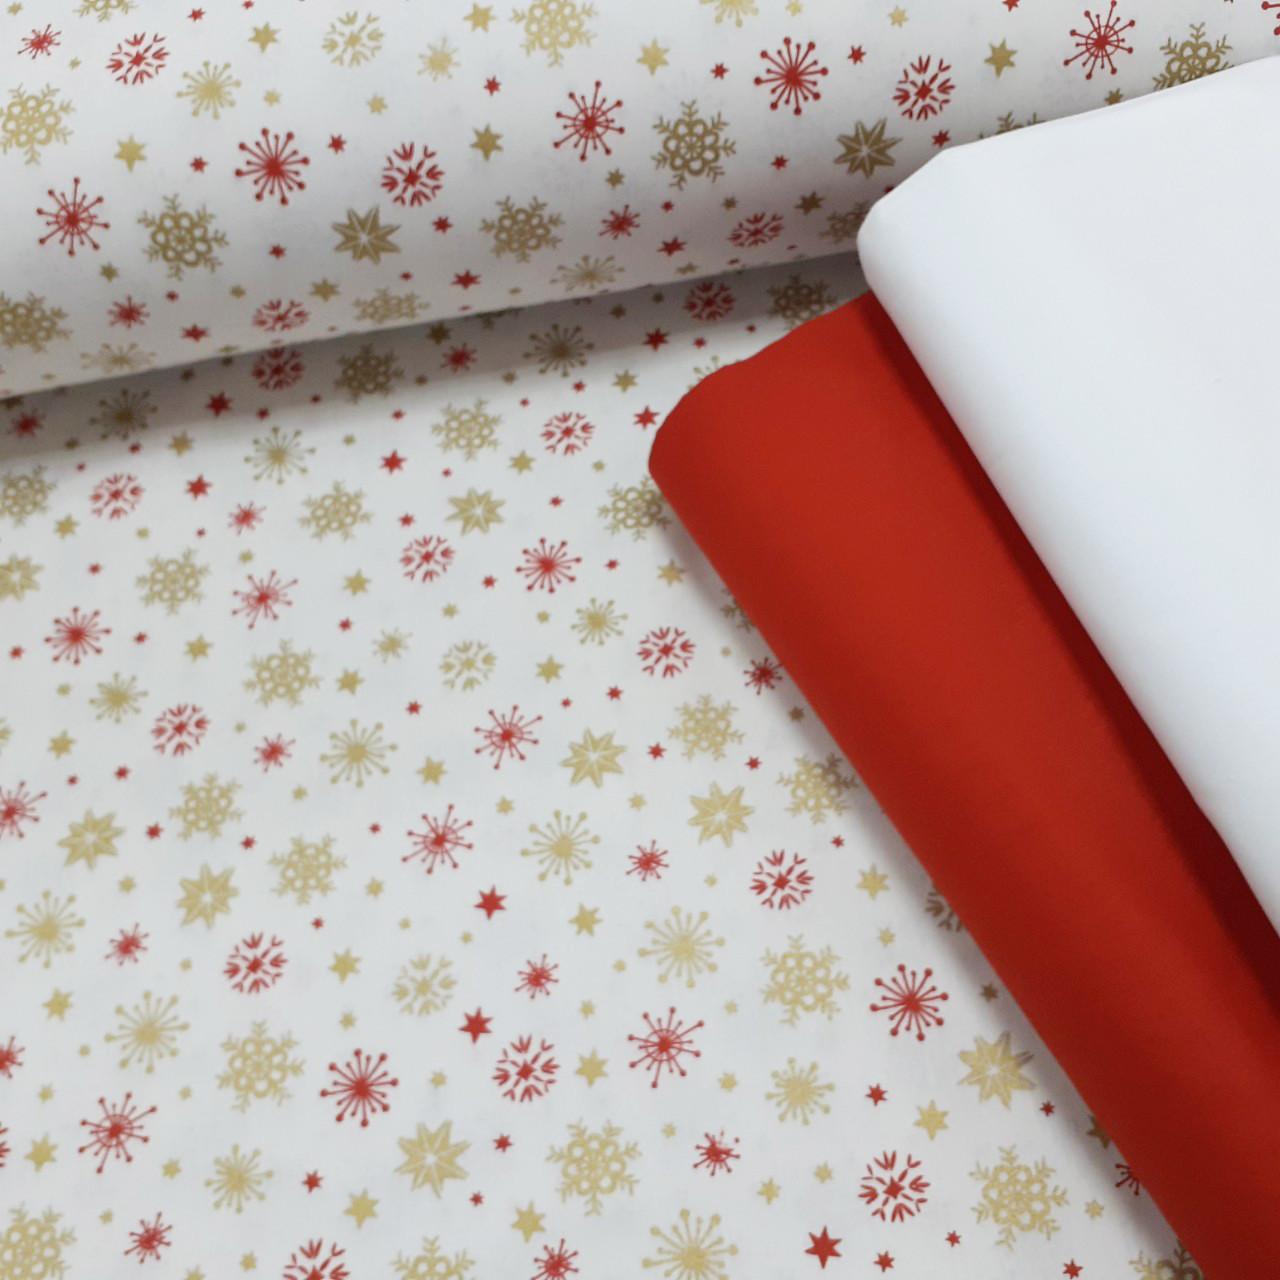 Хлопковая ткань (ТУРЦИЯ шир. 2,4 м) красно-золотые снежинки на белом (глиттер)